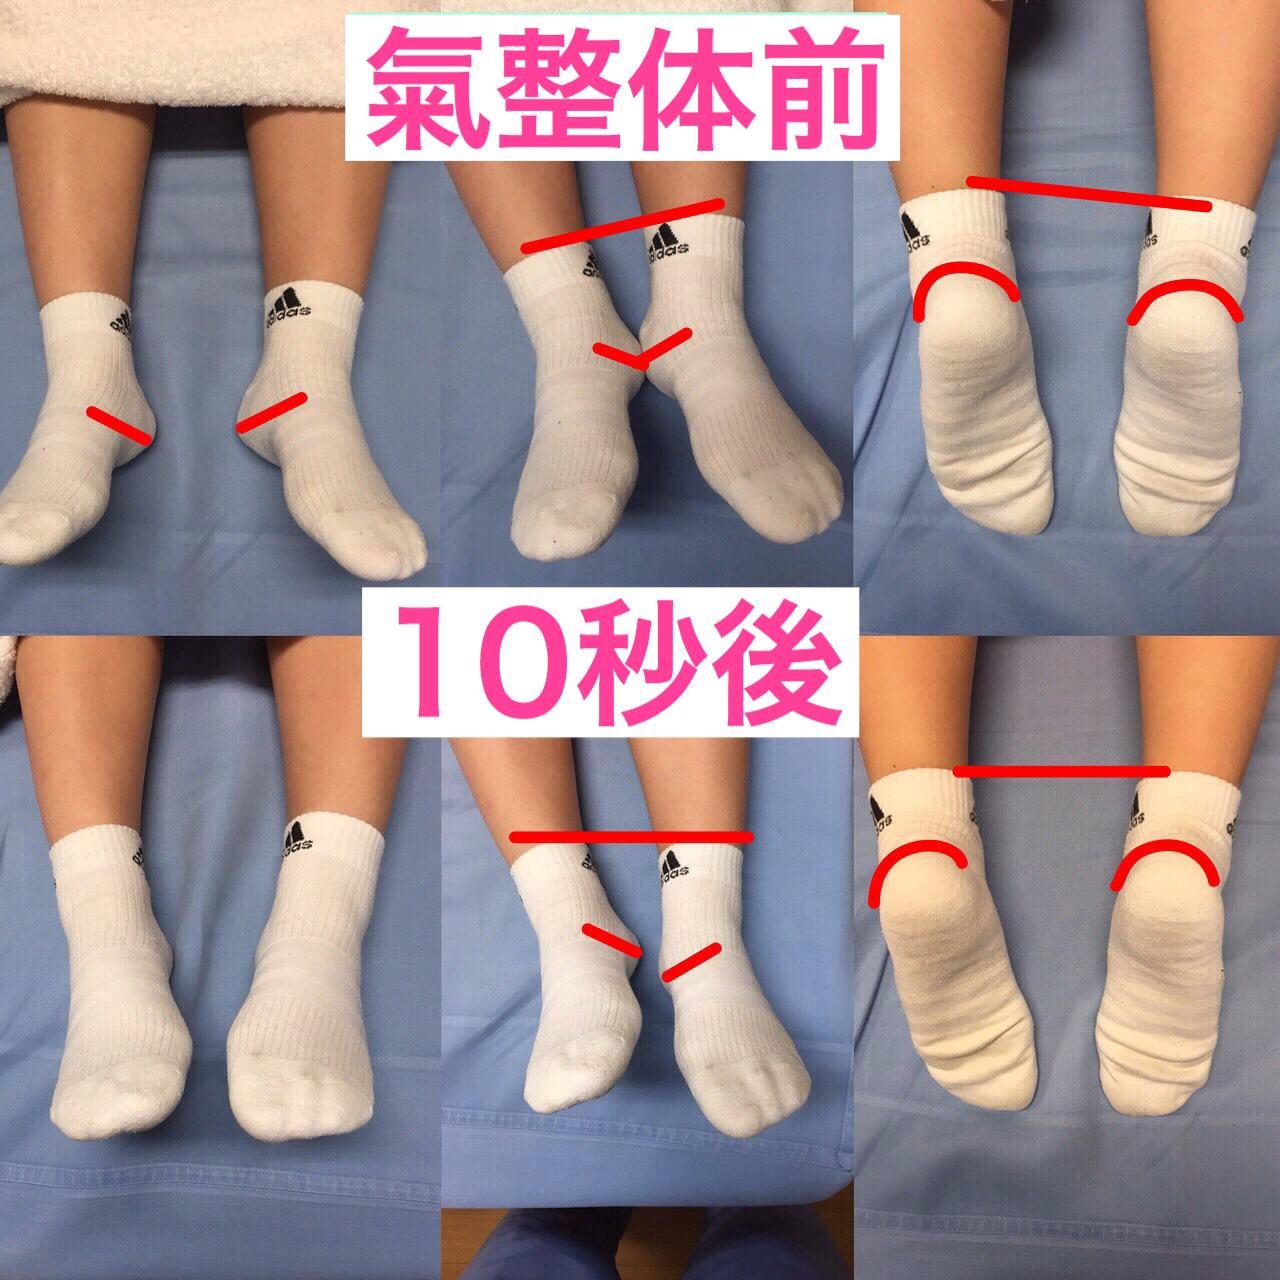 氣整体前と氣整体10秒後の中学生の両足を見比べてます